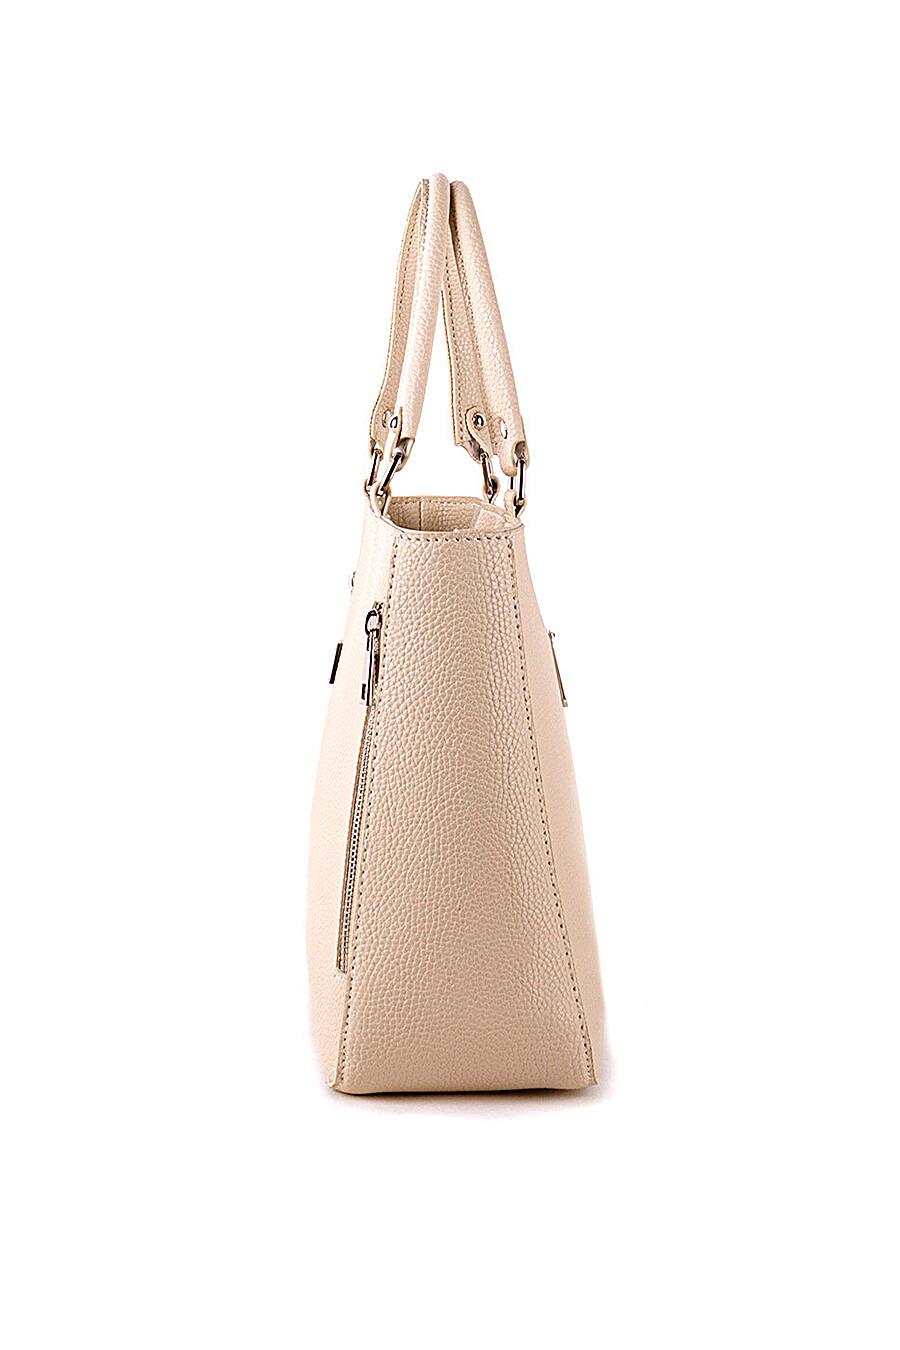 Сумка для женщин L-CRAFT 668317 купить оптом от производителя. Совместная покупка женской одежды в OptMoyo